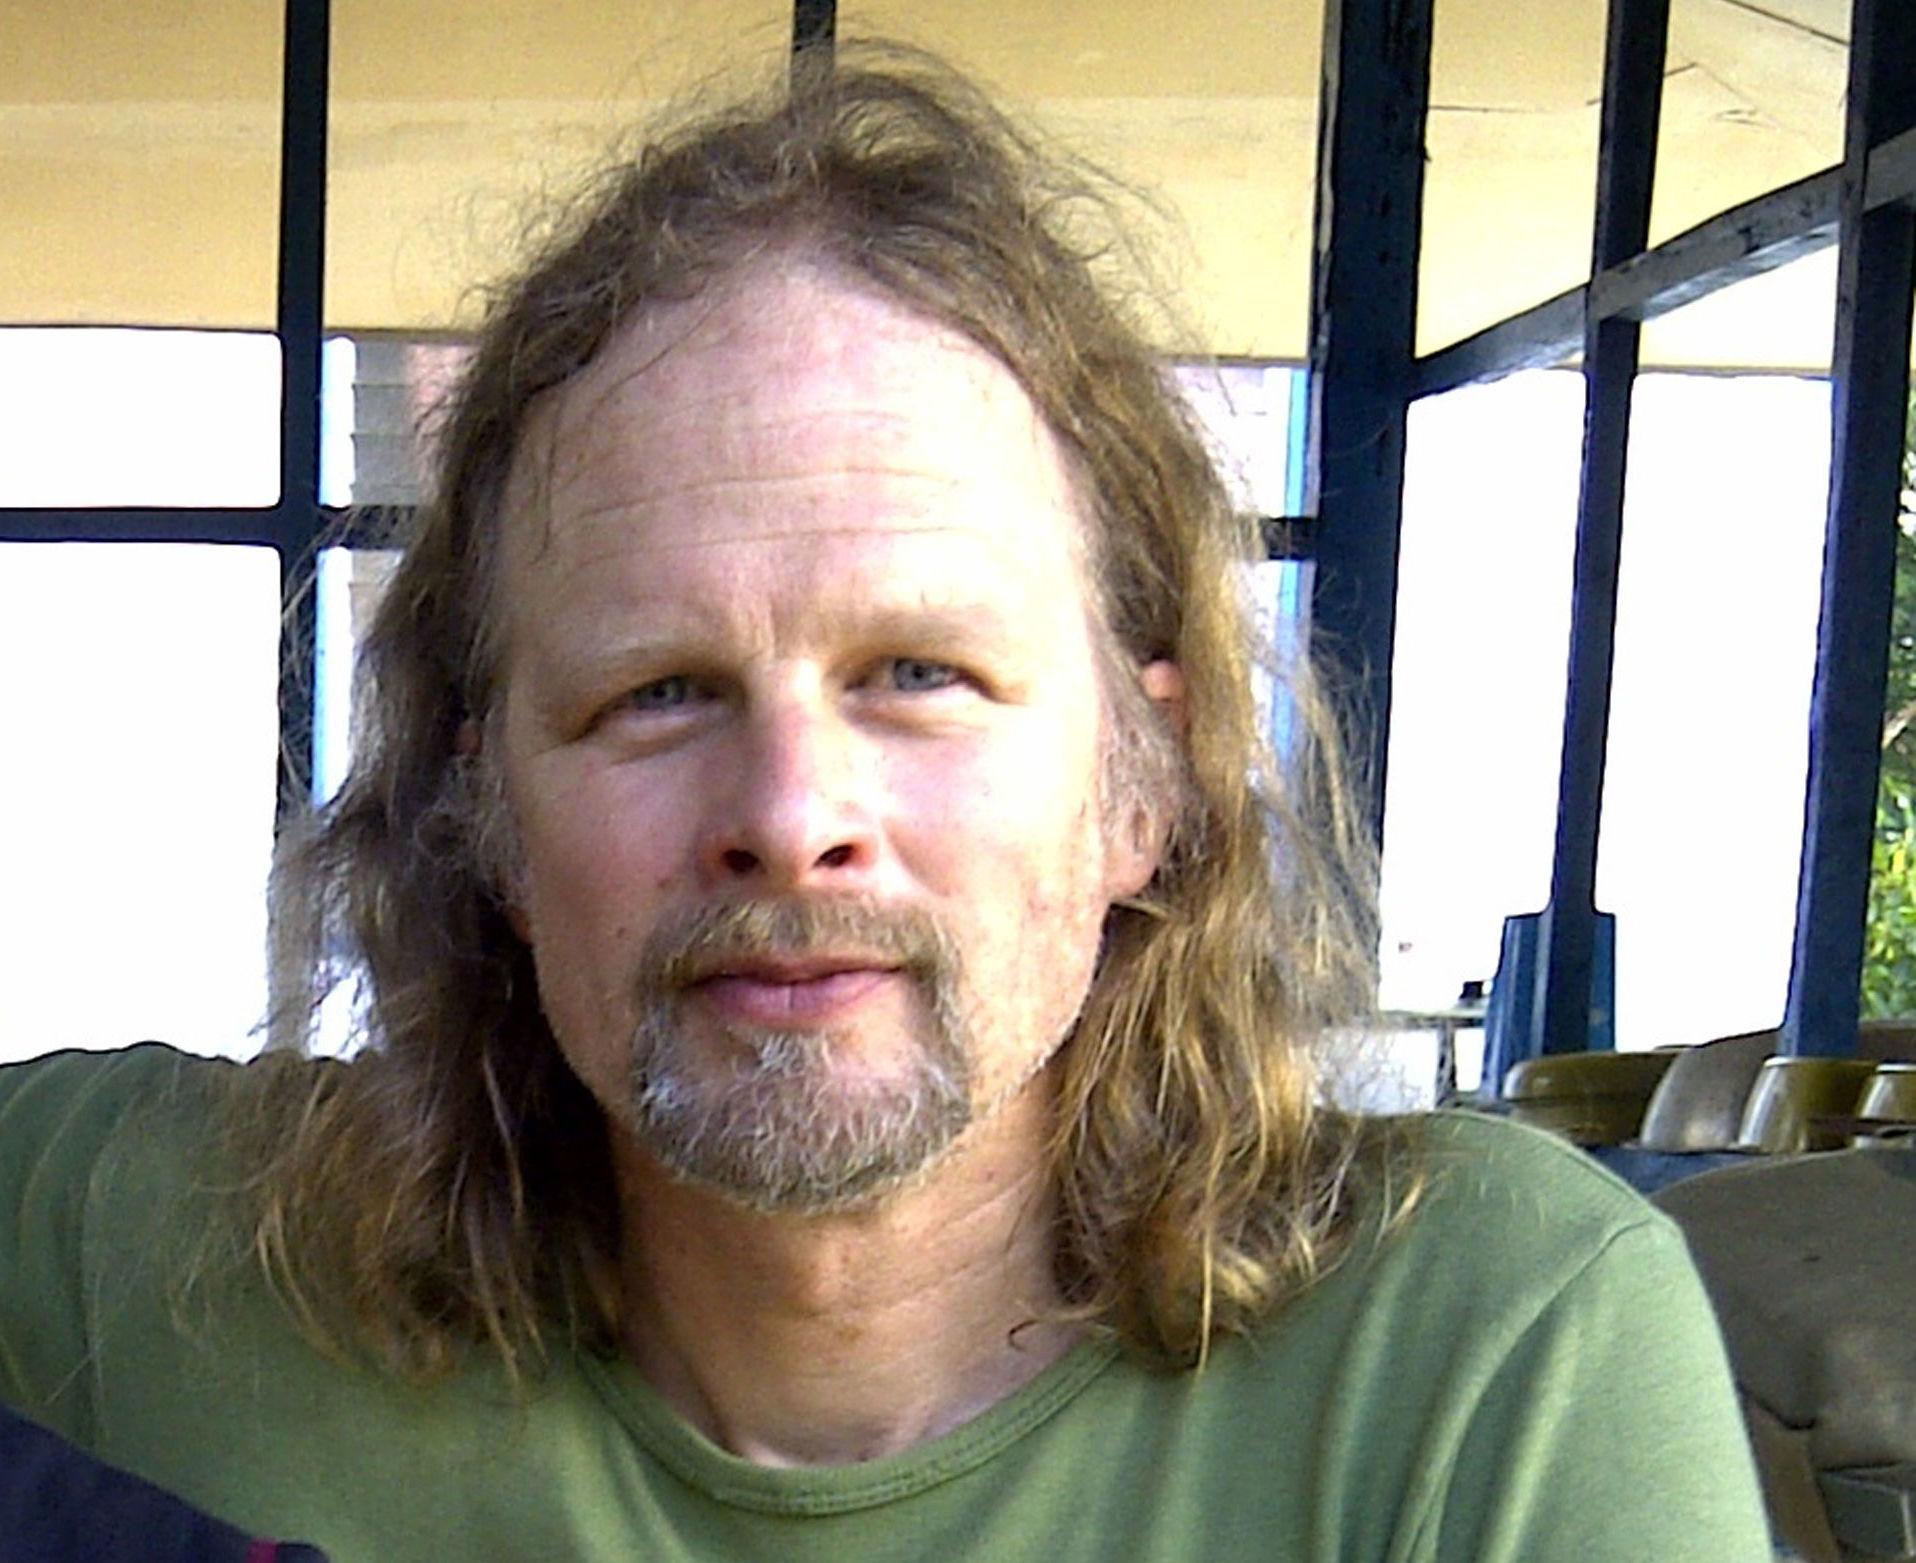 El observador de aves holandés Ewold Horn, secuestrado en 2012 en Filipinas